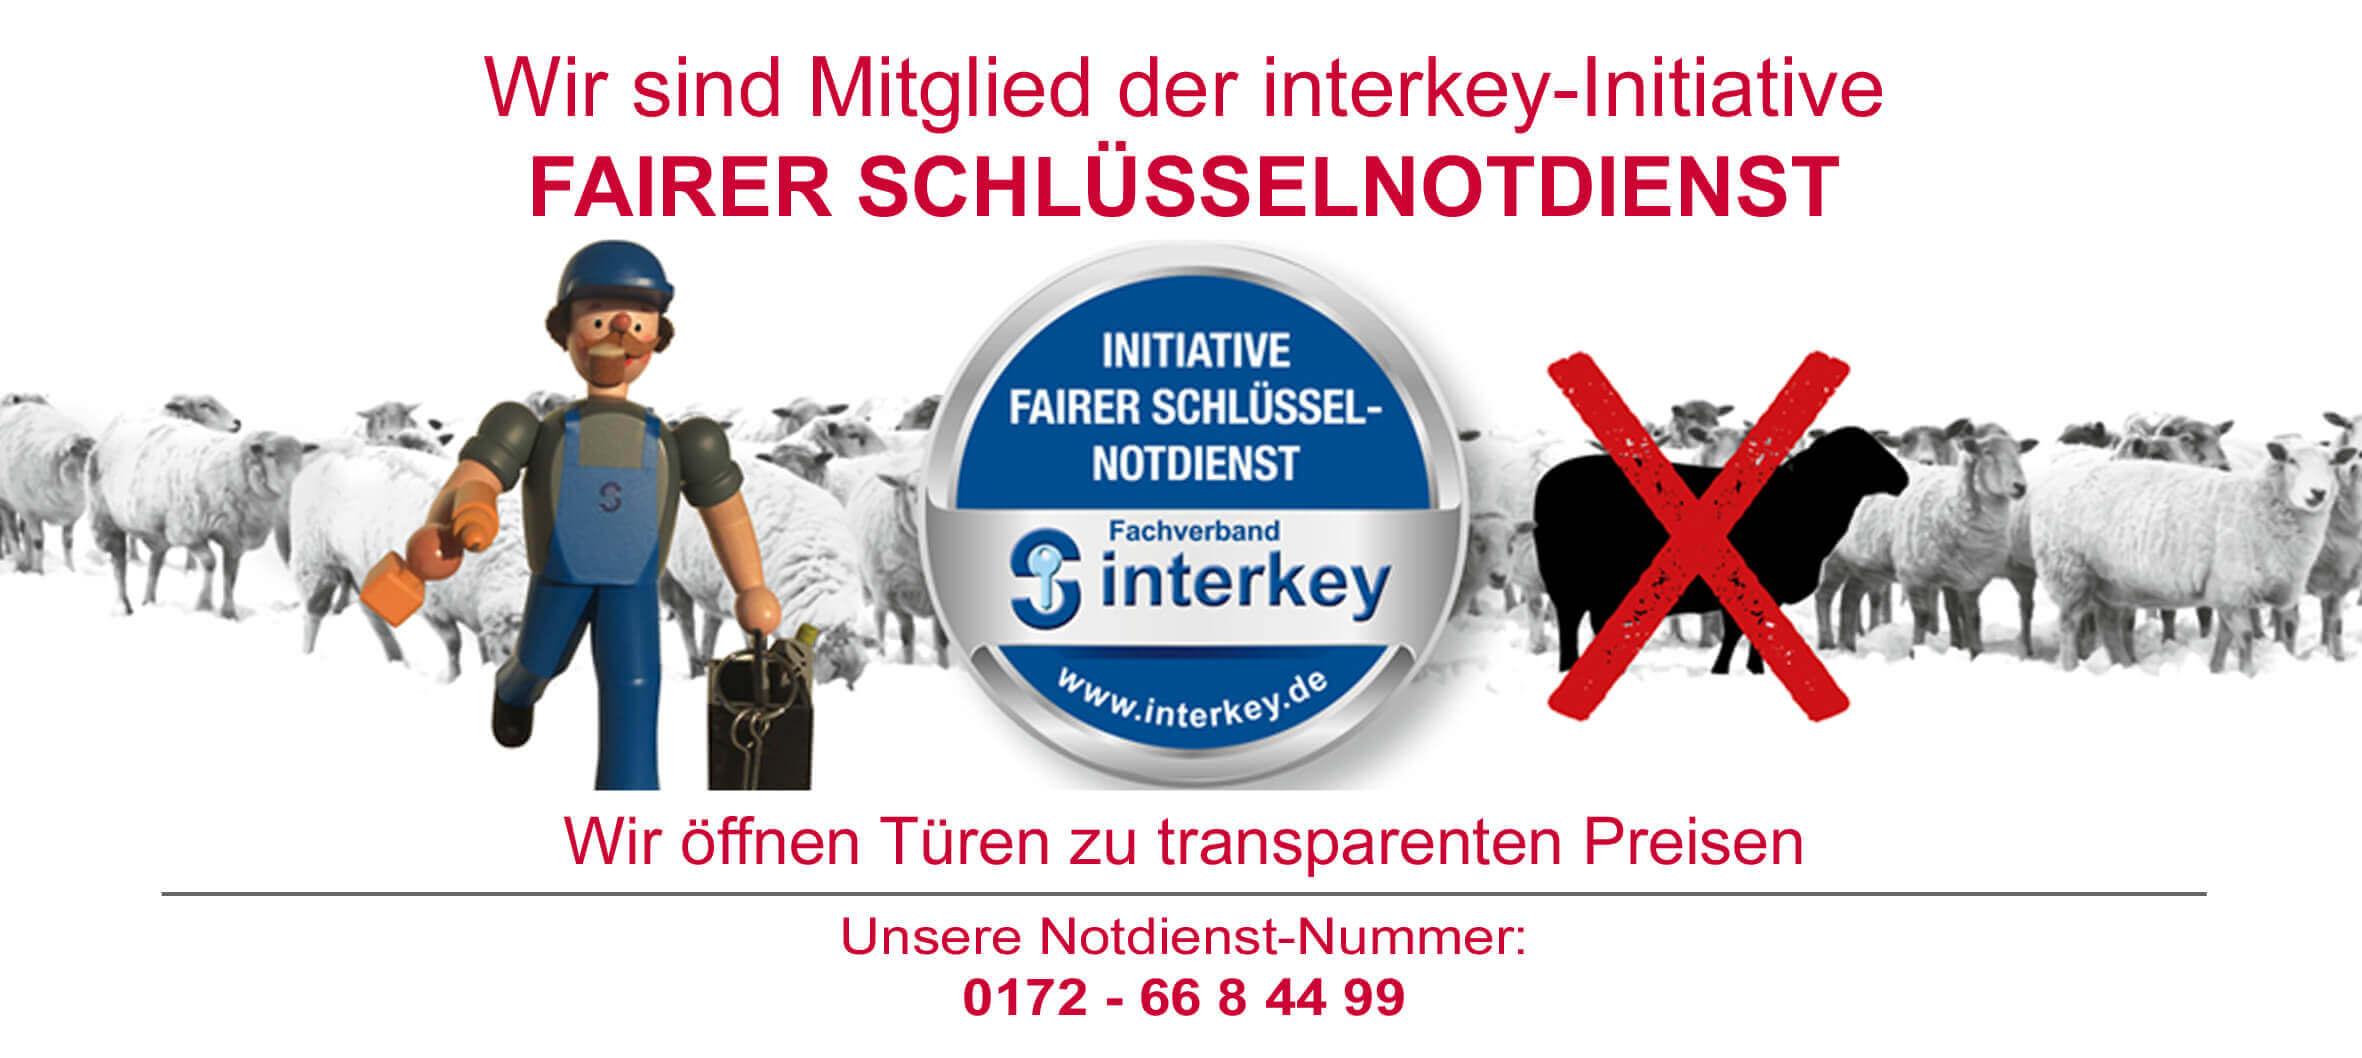 Wir sind Mitglied bei der Initiative Fairer Schlüssel-Notdienst